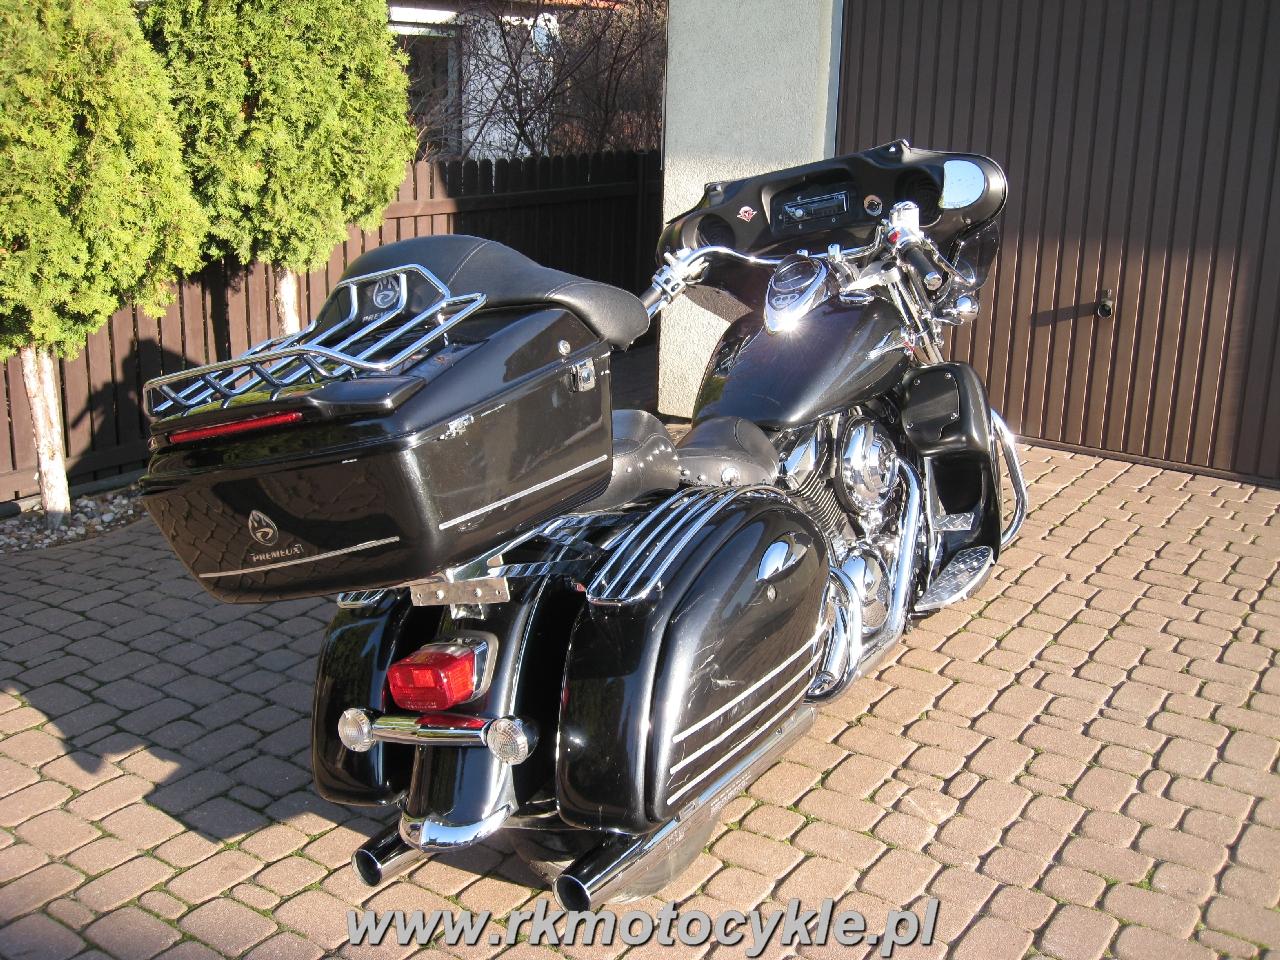 Rk Motocykle Kawasaki Vn 1500 Vulcan Nomad Vn1500